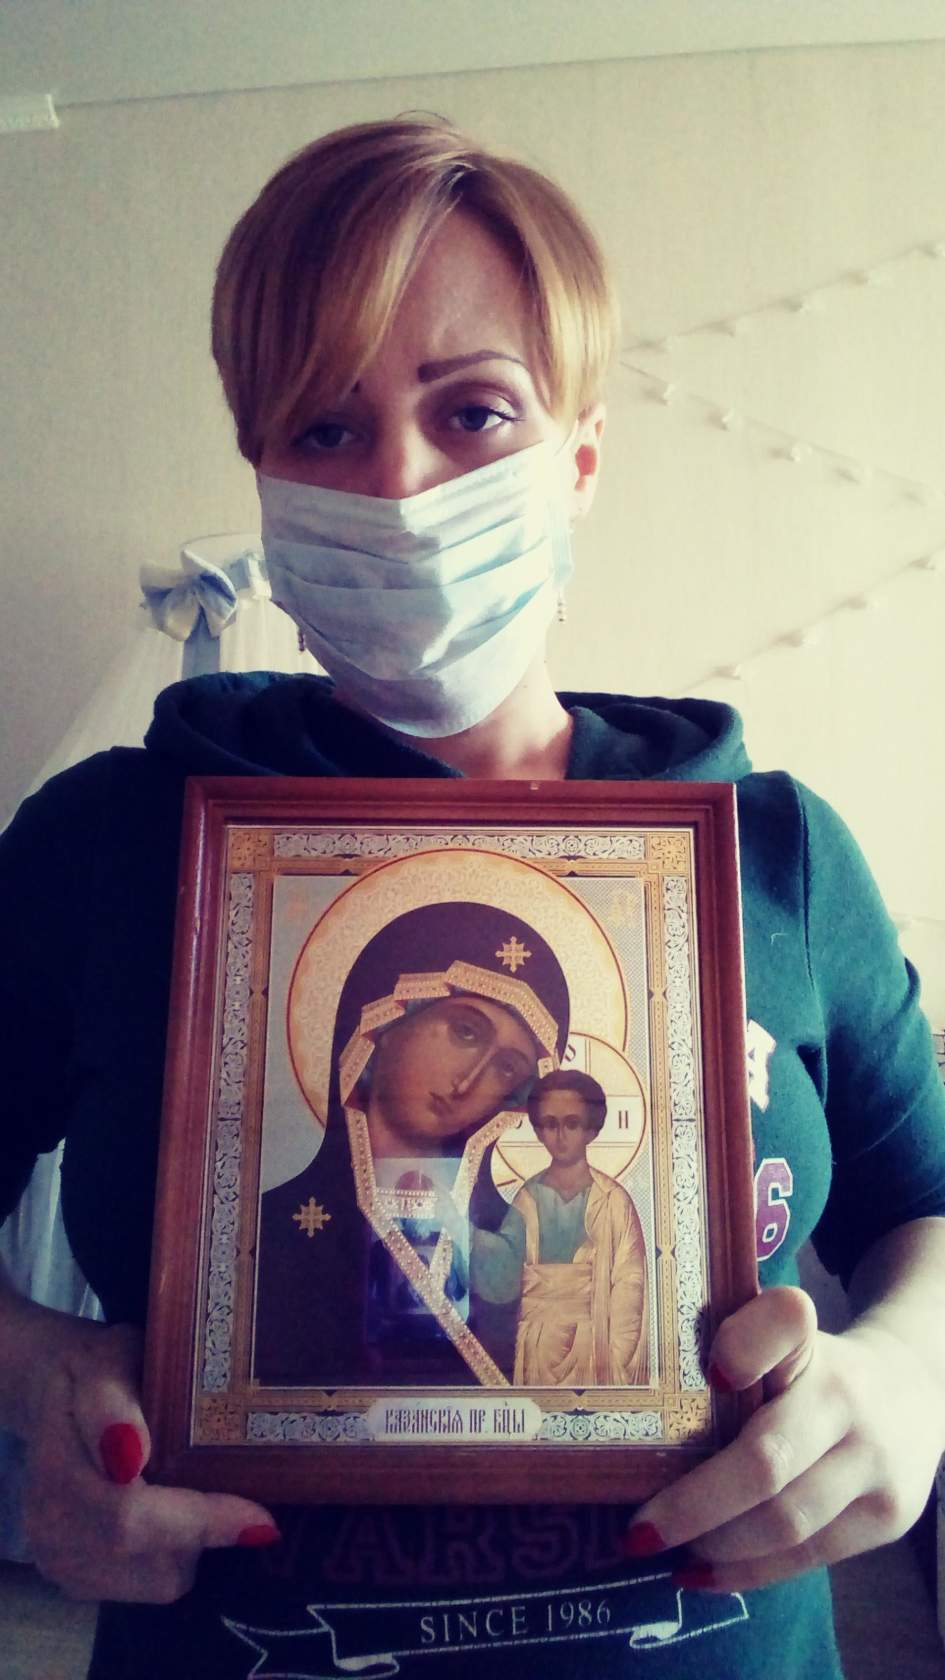 Через социальные сети Ирина просит помощи на лечение.